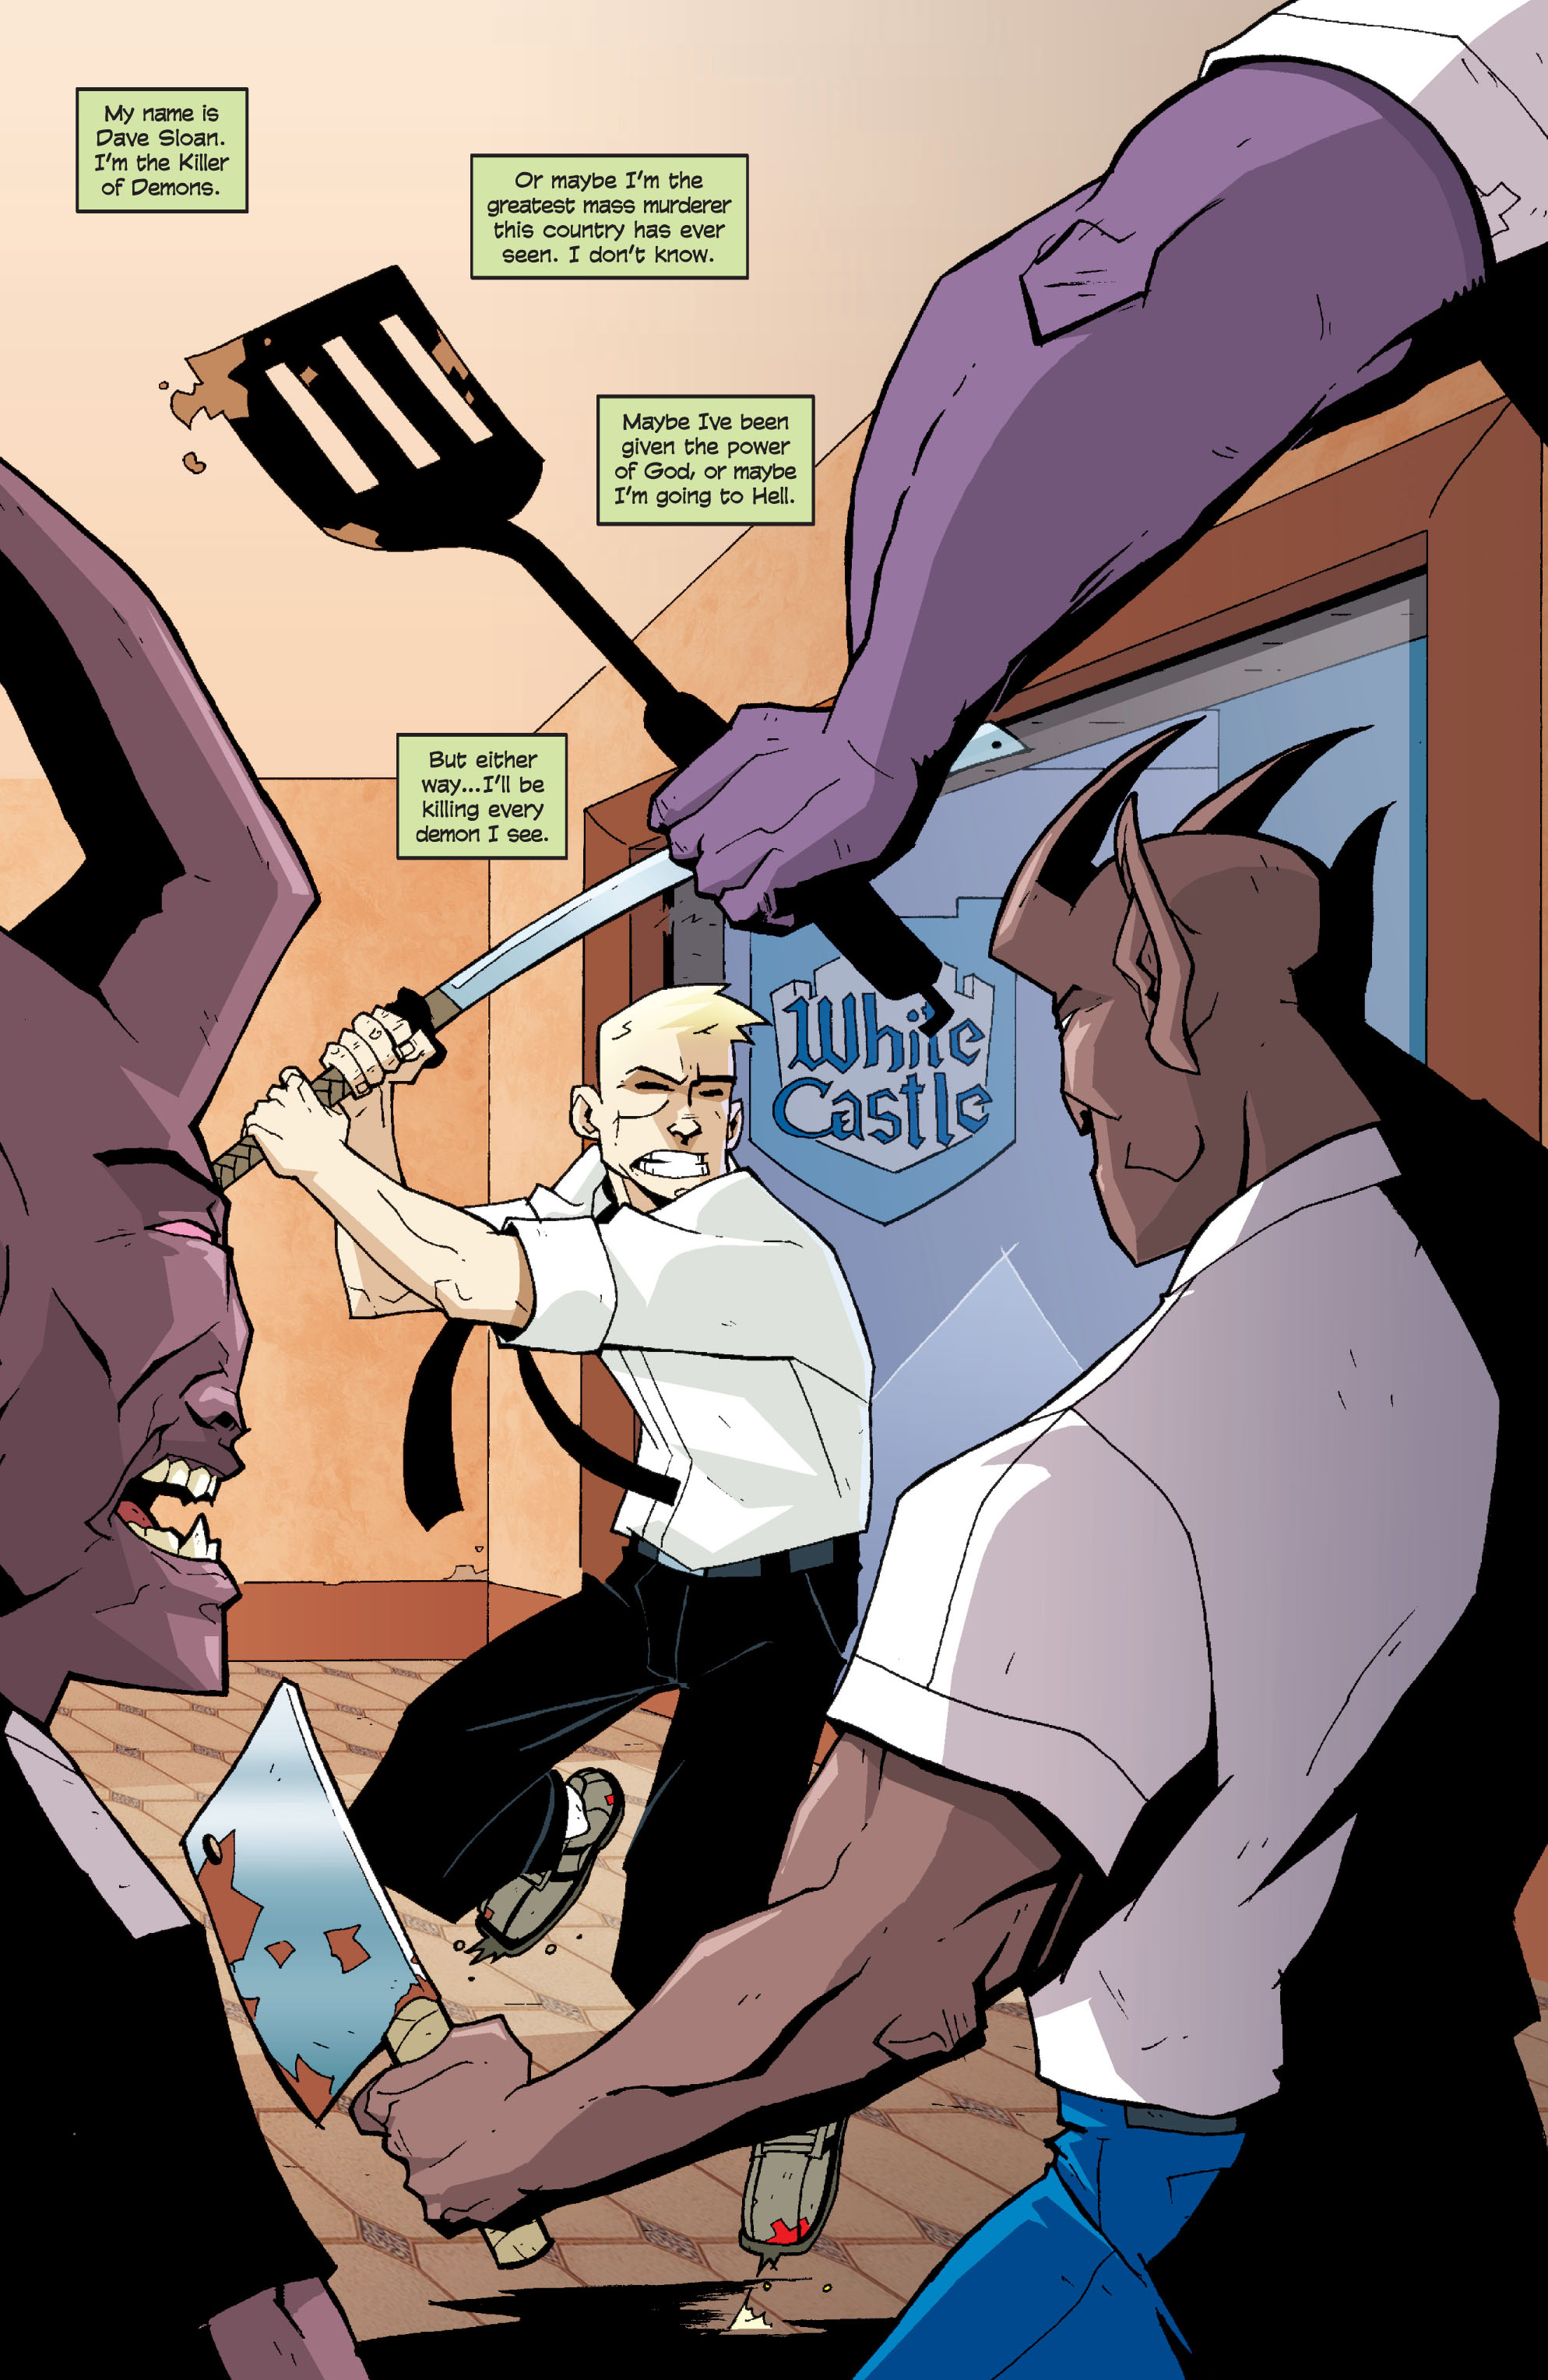 Read online Killer Of Demons comic -  Issue #3 - 30